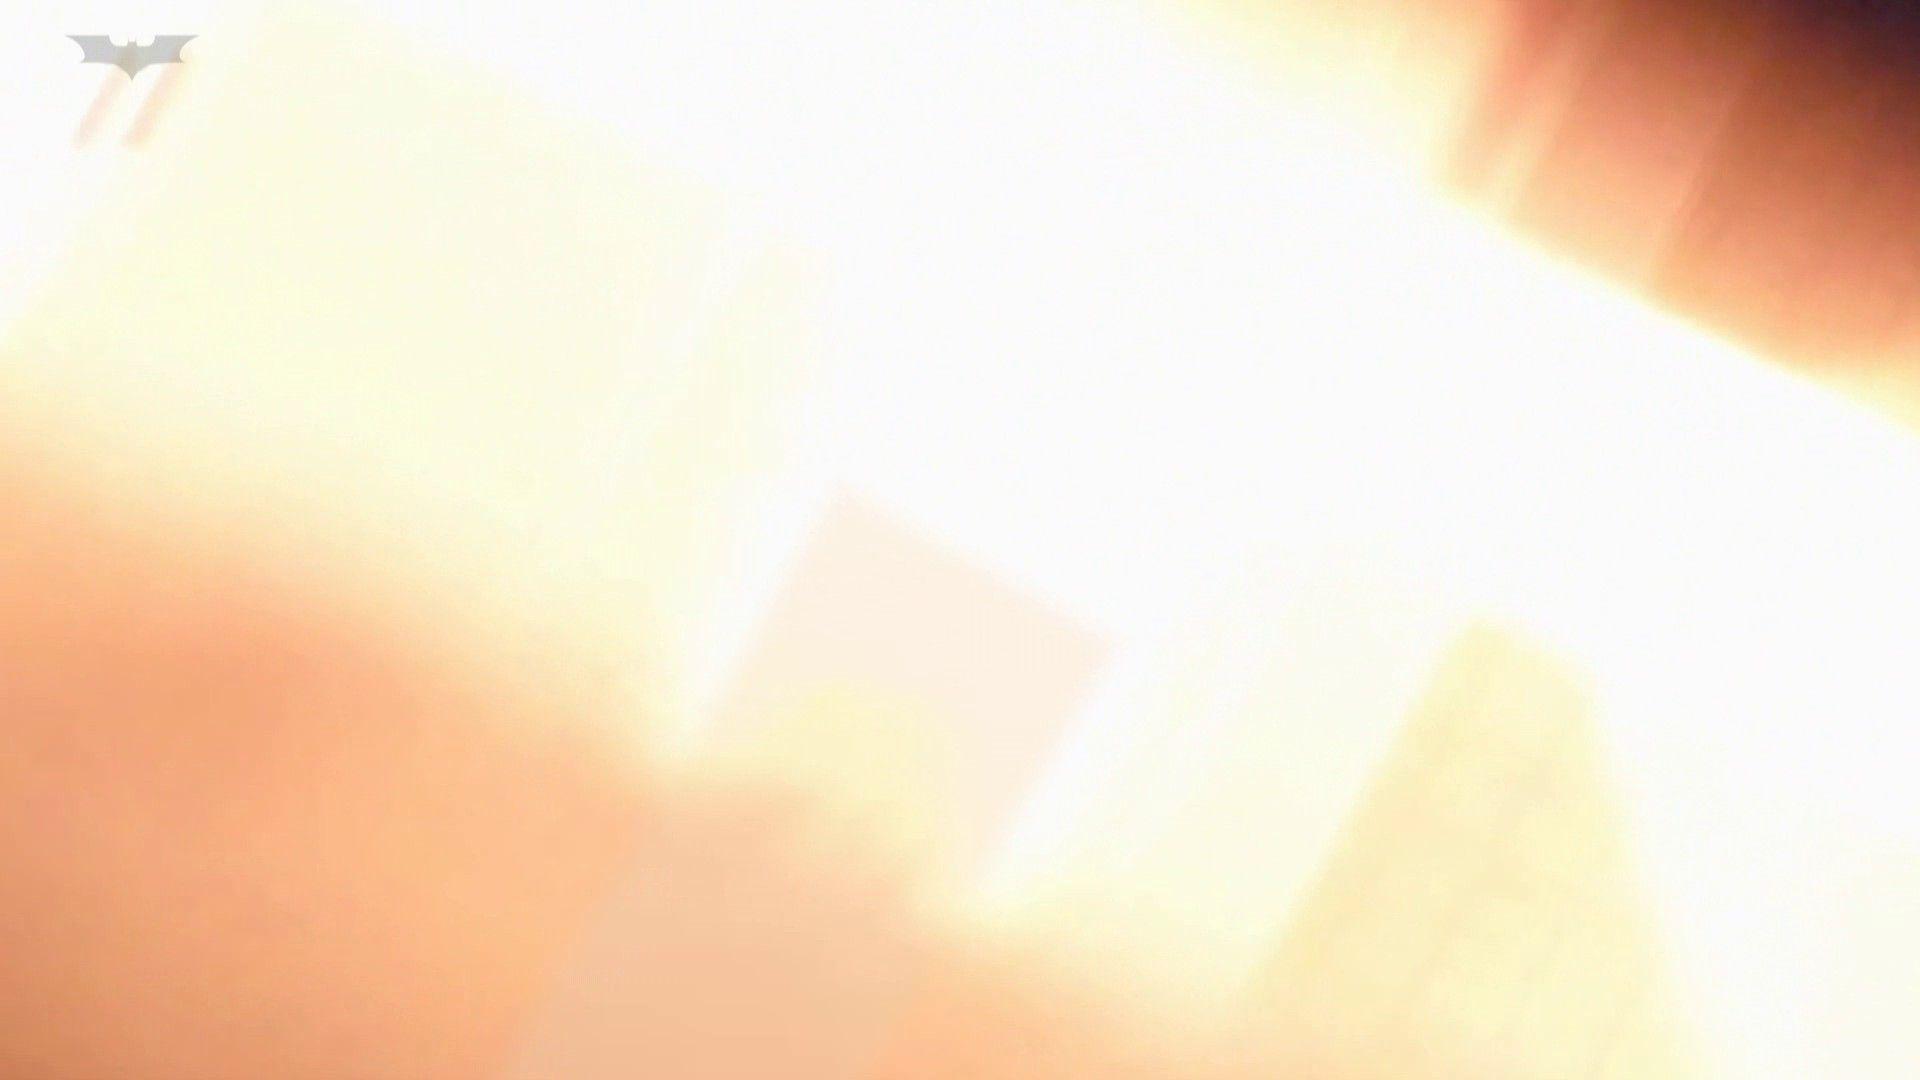 ▲復活限定D▲第三体育館潜入撮File018 夏帆に激似現役の未開発の下を 体育館 オマンコ無修正動画無料 96枚 27